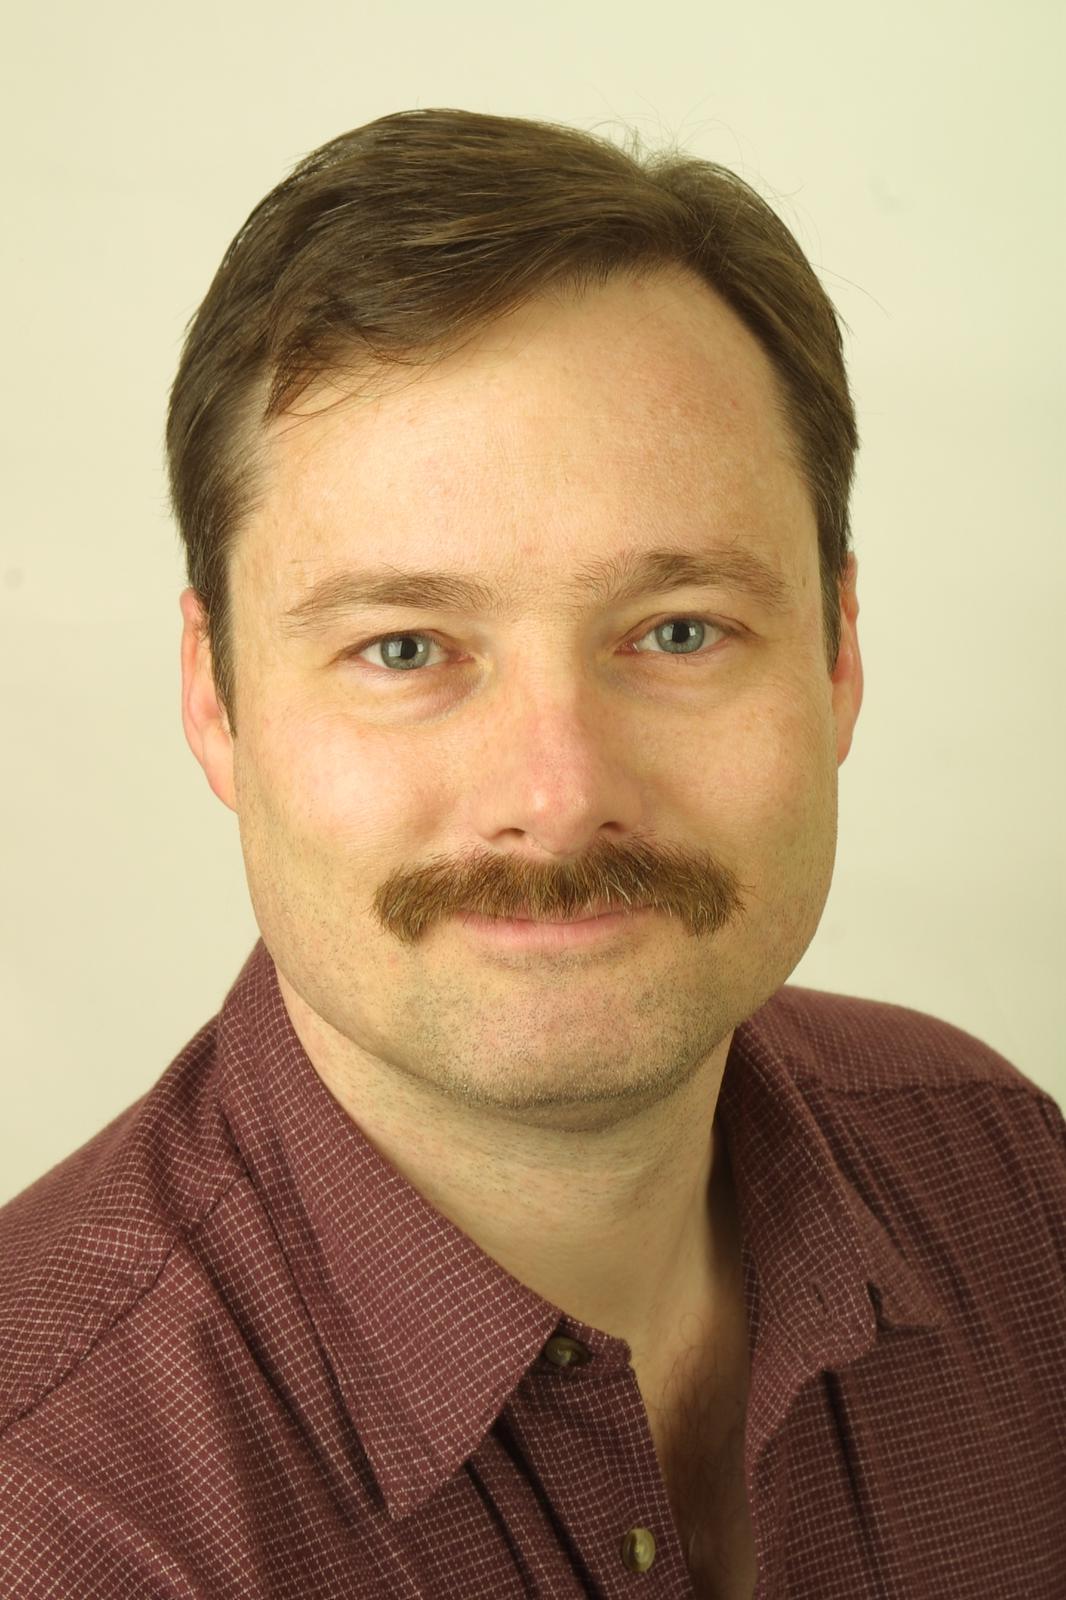 Chris Nighman, 2003